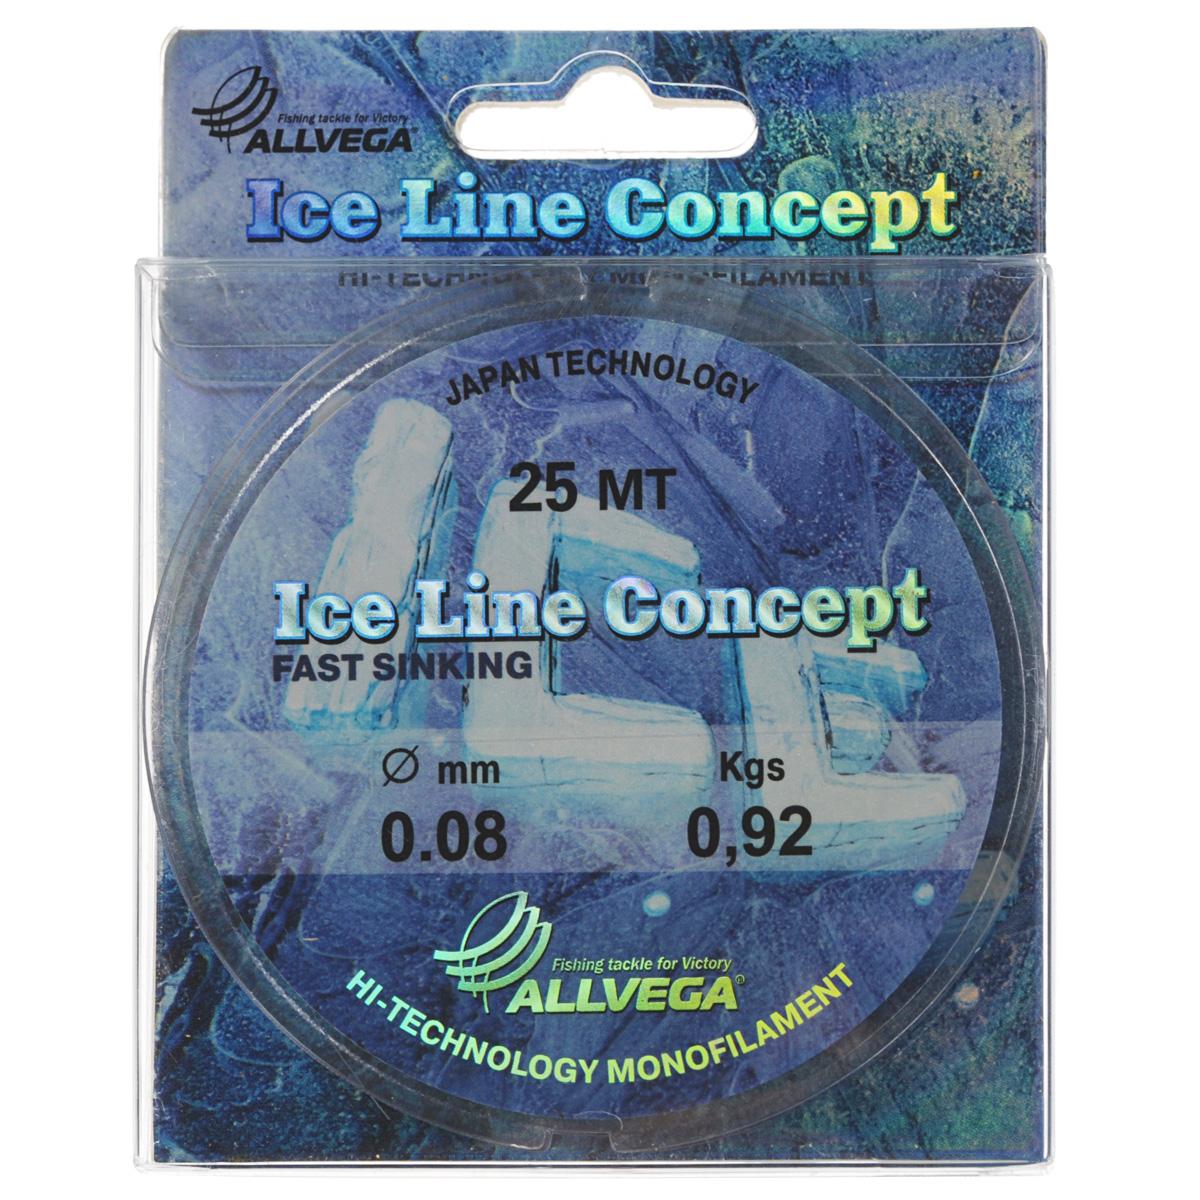 Леска Allvega Ice Line Concept, сечение 0,08 мм, длина 25 м4915-010Специальная зимняя леска Allvega Ice Line Concept для низких температур. Прозрачная и высокопрочная. Отсутствие механической памяти, позволяет с успехом использовать ее для ловли на мормышку.